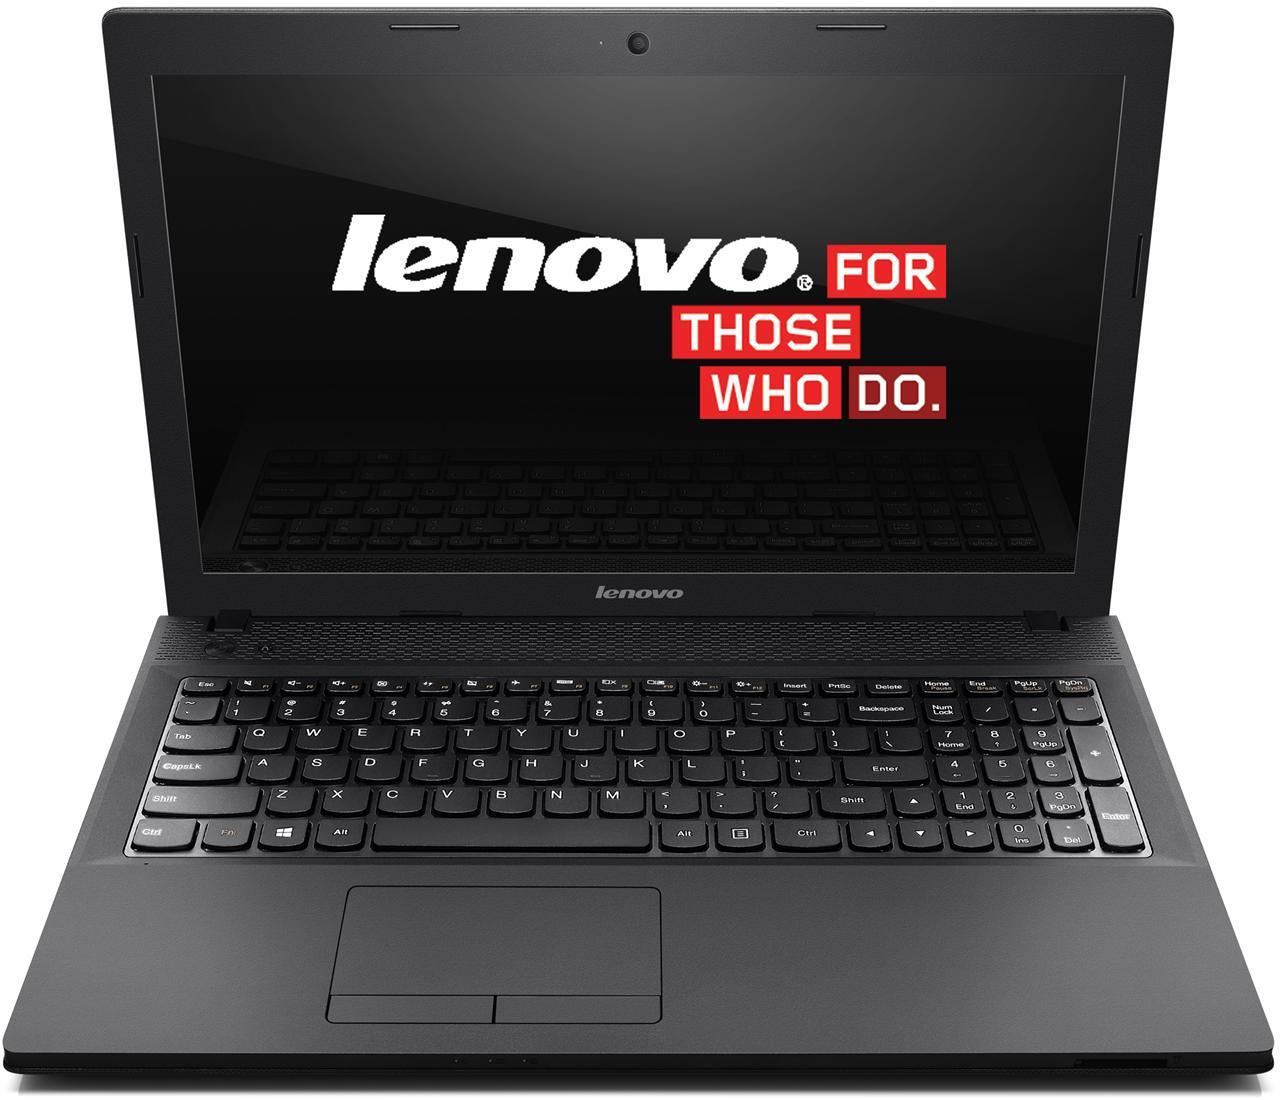 Lenovo-IdeaPad-G500